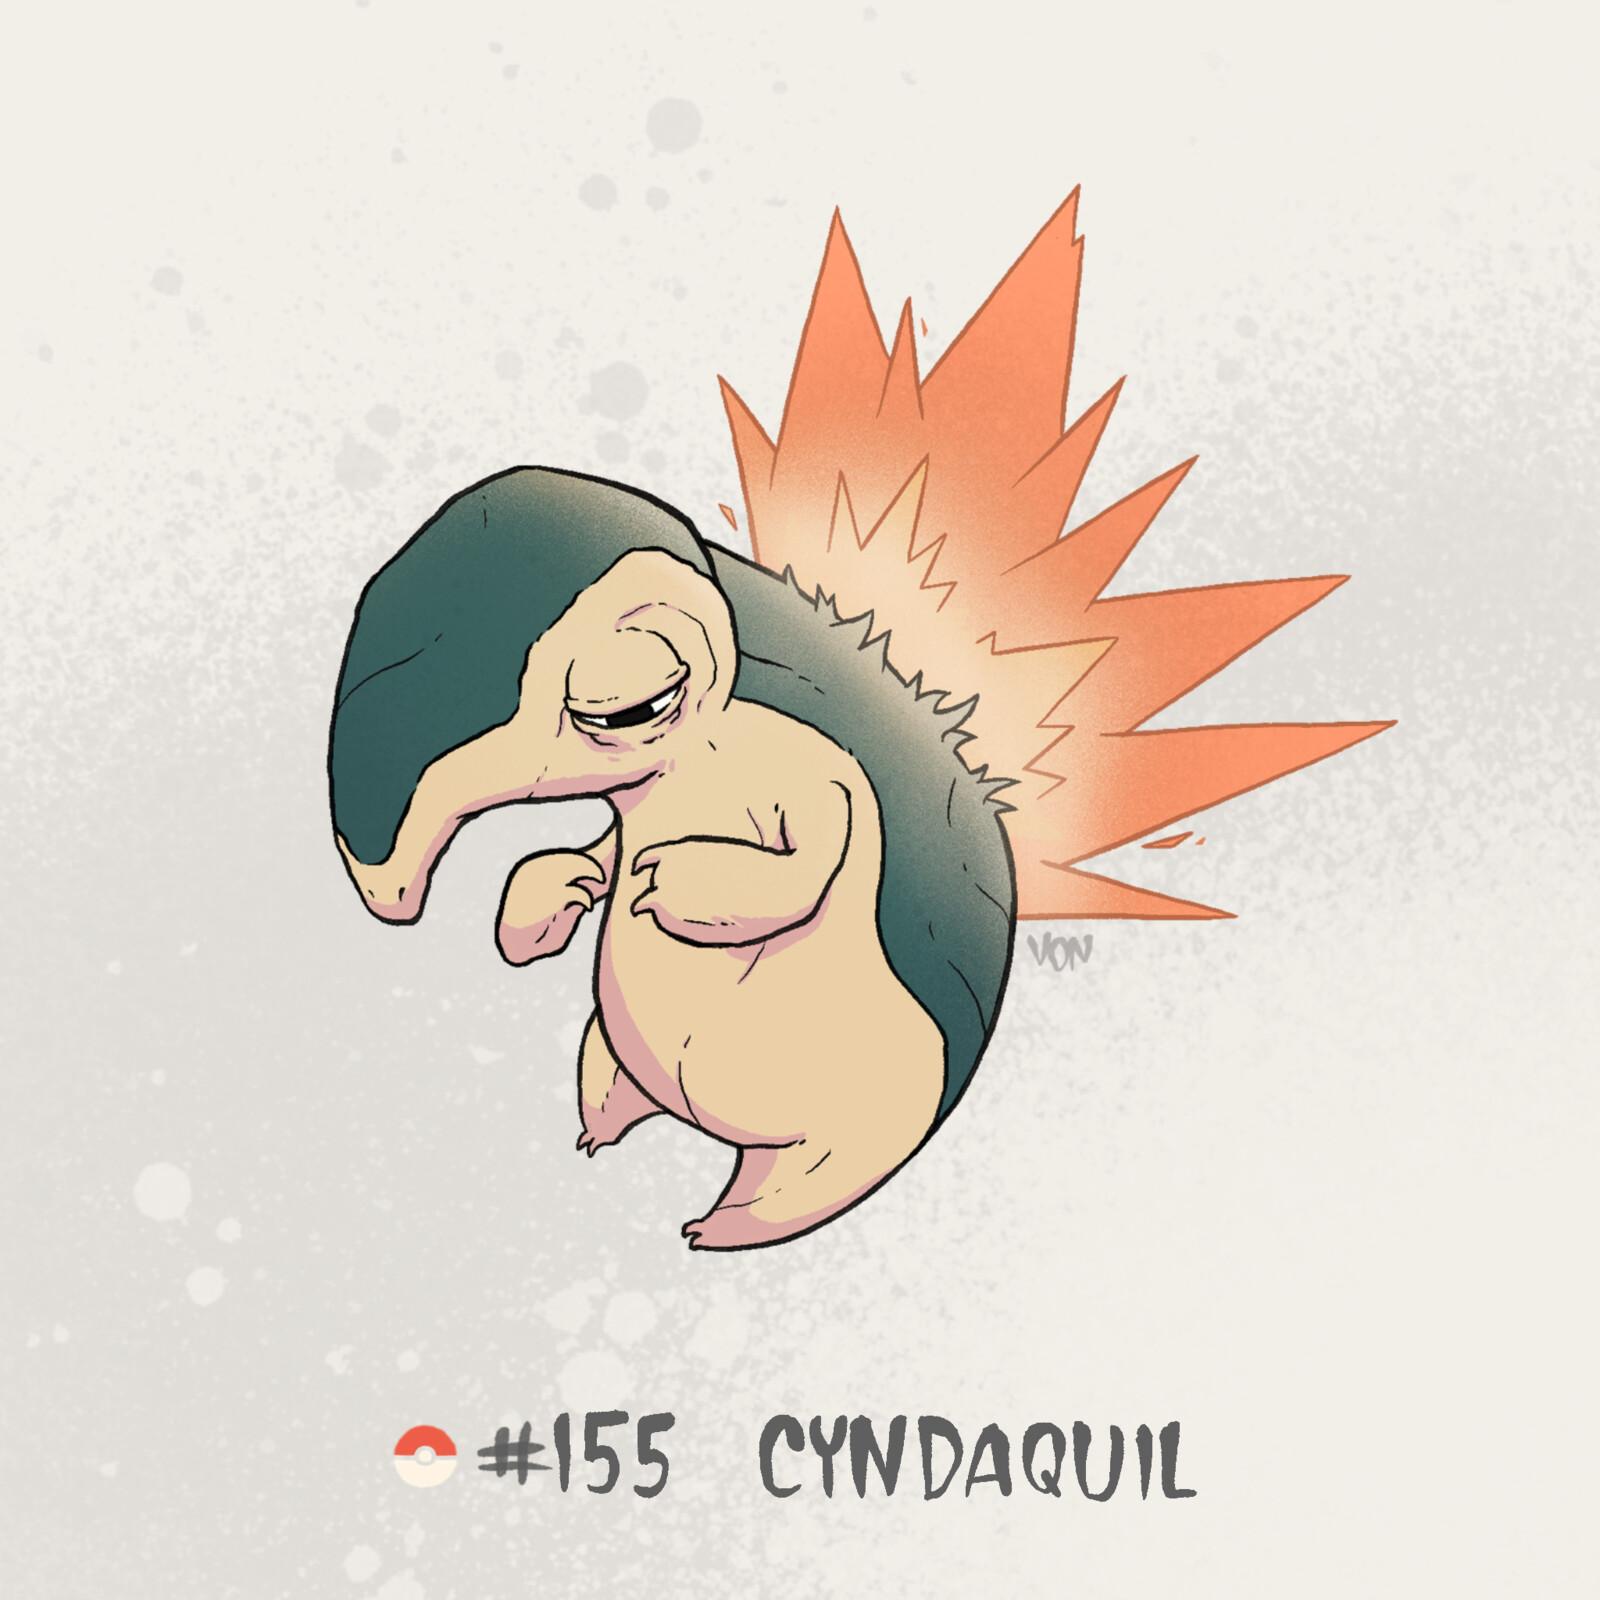 #155 Cyndaquil